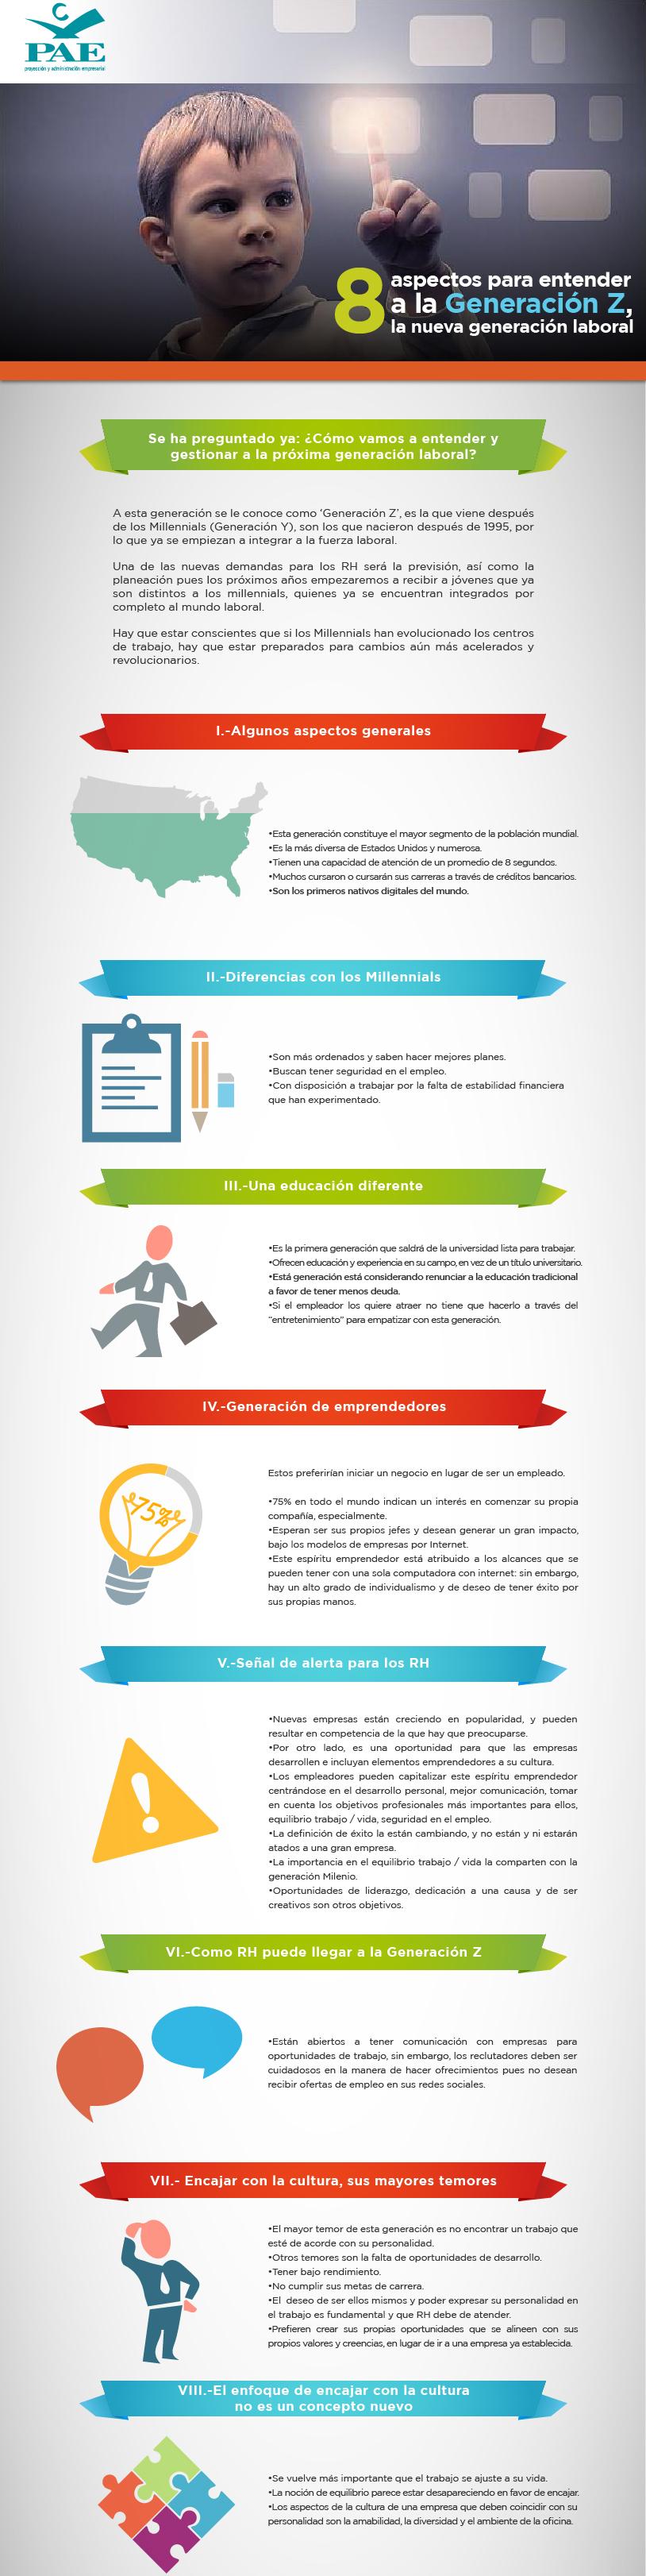 #PAEMX 8 aspectos de la nueva generación laboral